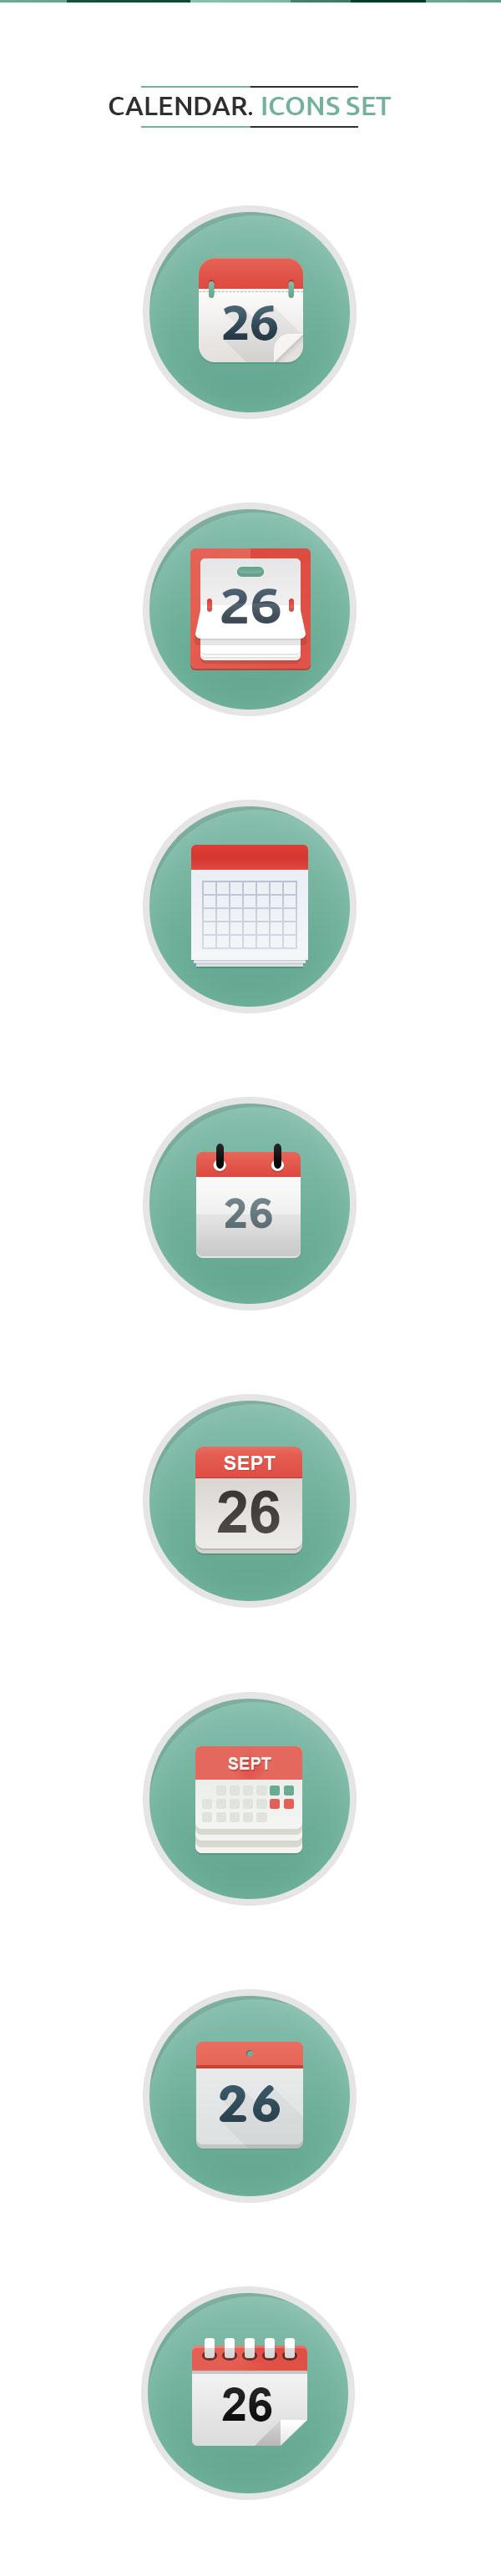 Calendar Icons Set Free Psd